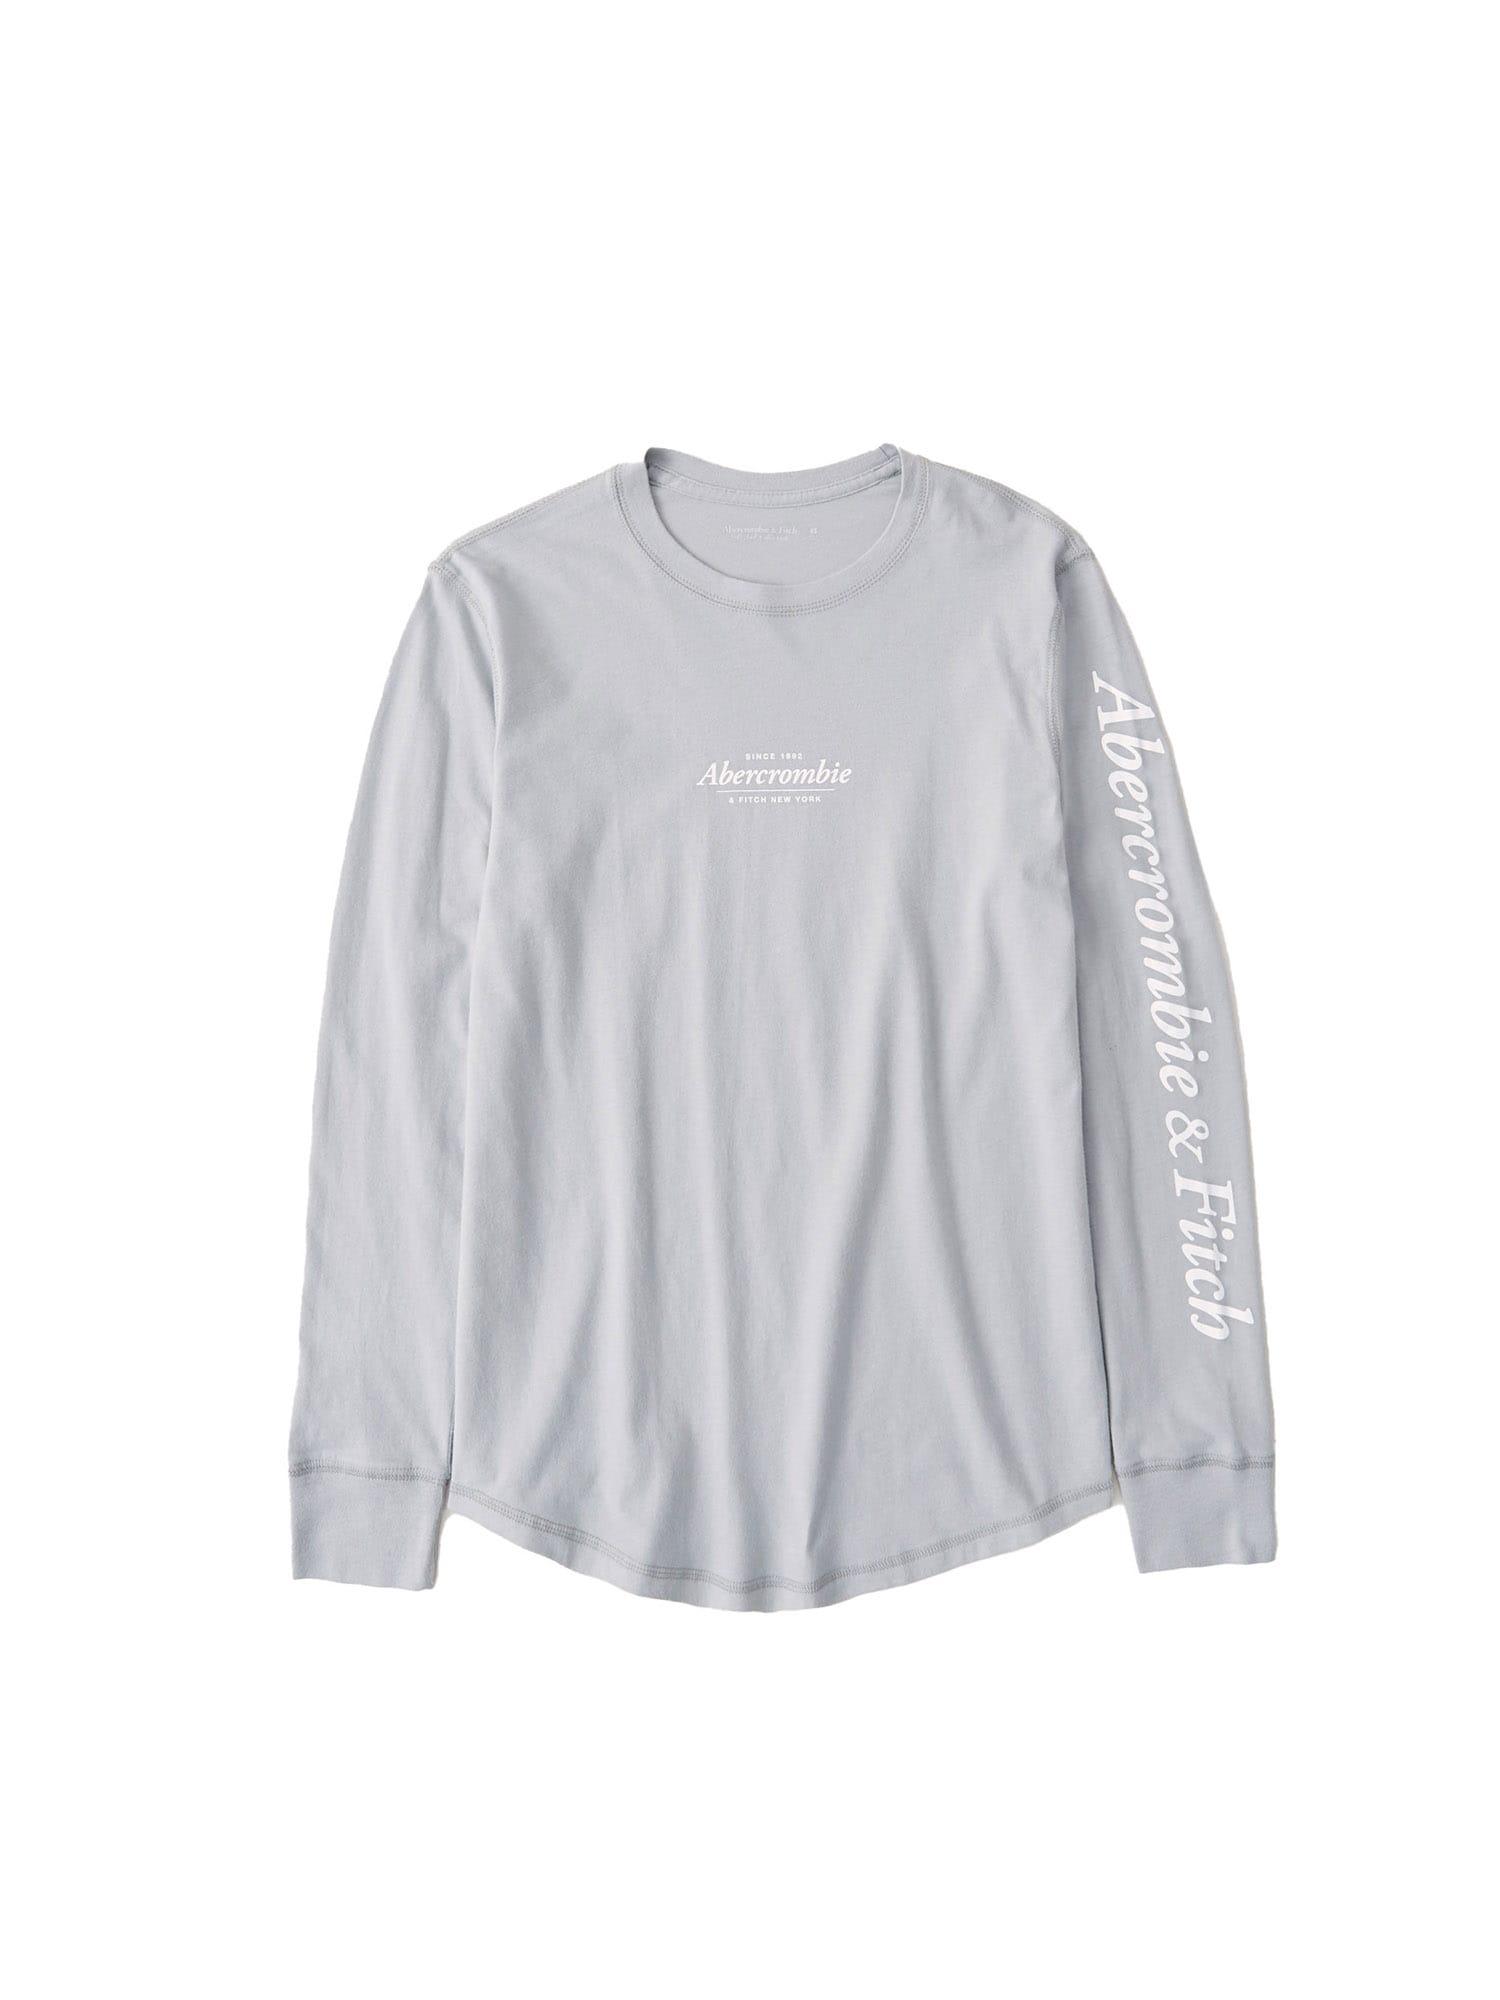 Abercrombie & Fitch Marškinėliai šviesiai pilka / balta